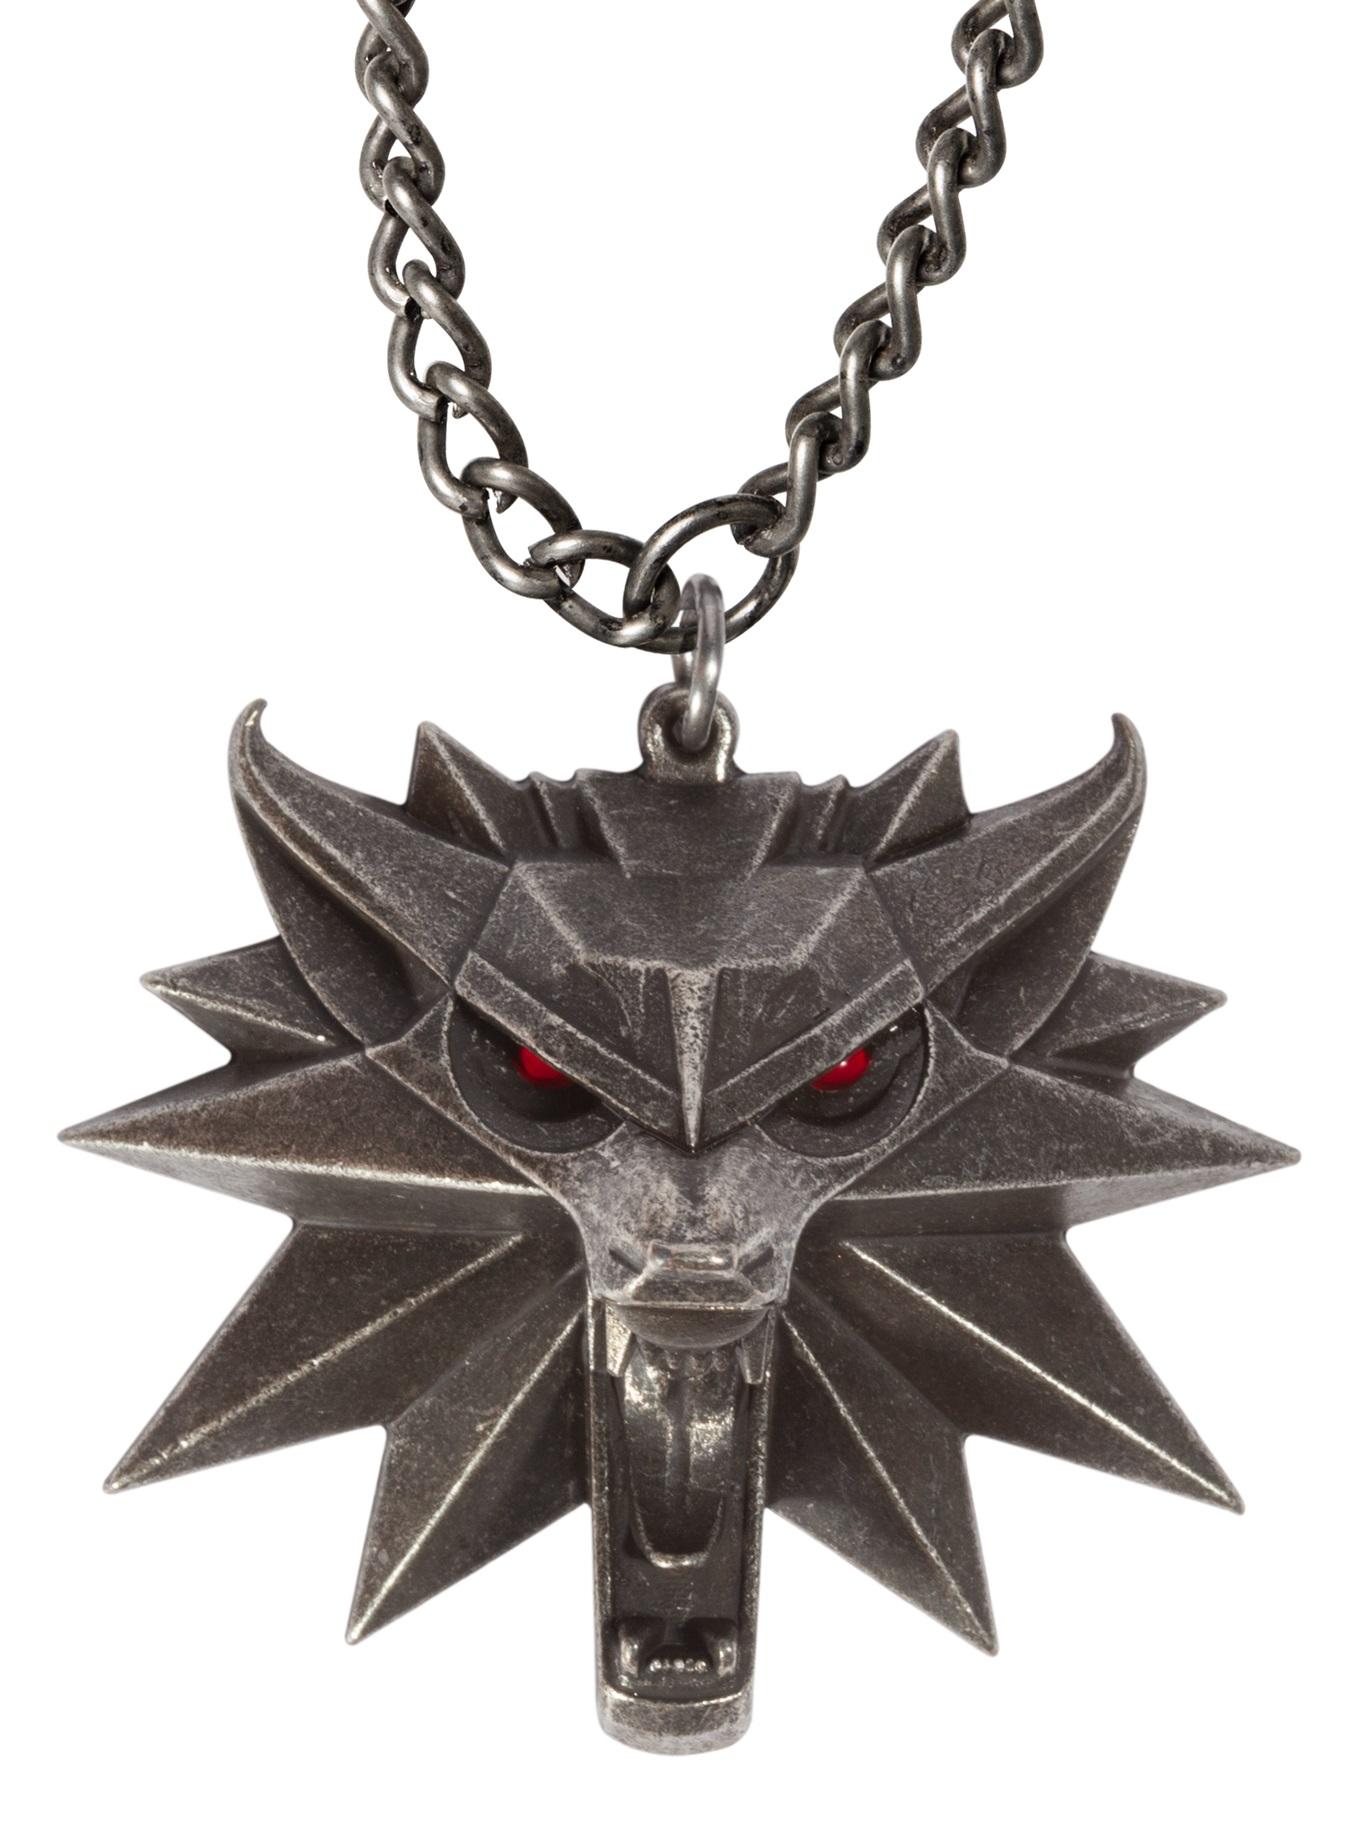 Кулон The Witcher 3: Wild Hunt Medallion With LED EyesКулон The Witcher 3: Wild Hunt Medallion With LED Eyes создан по мотивам популярной компьютерной игры «Ведьмак 3: Дикая Охота» и выполнен в виде медальона Ведьмака.<br>